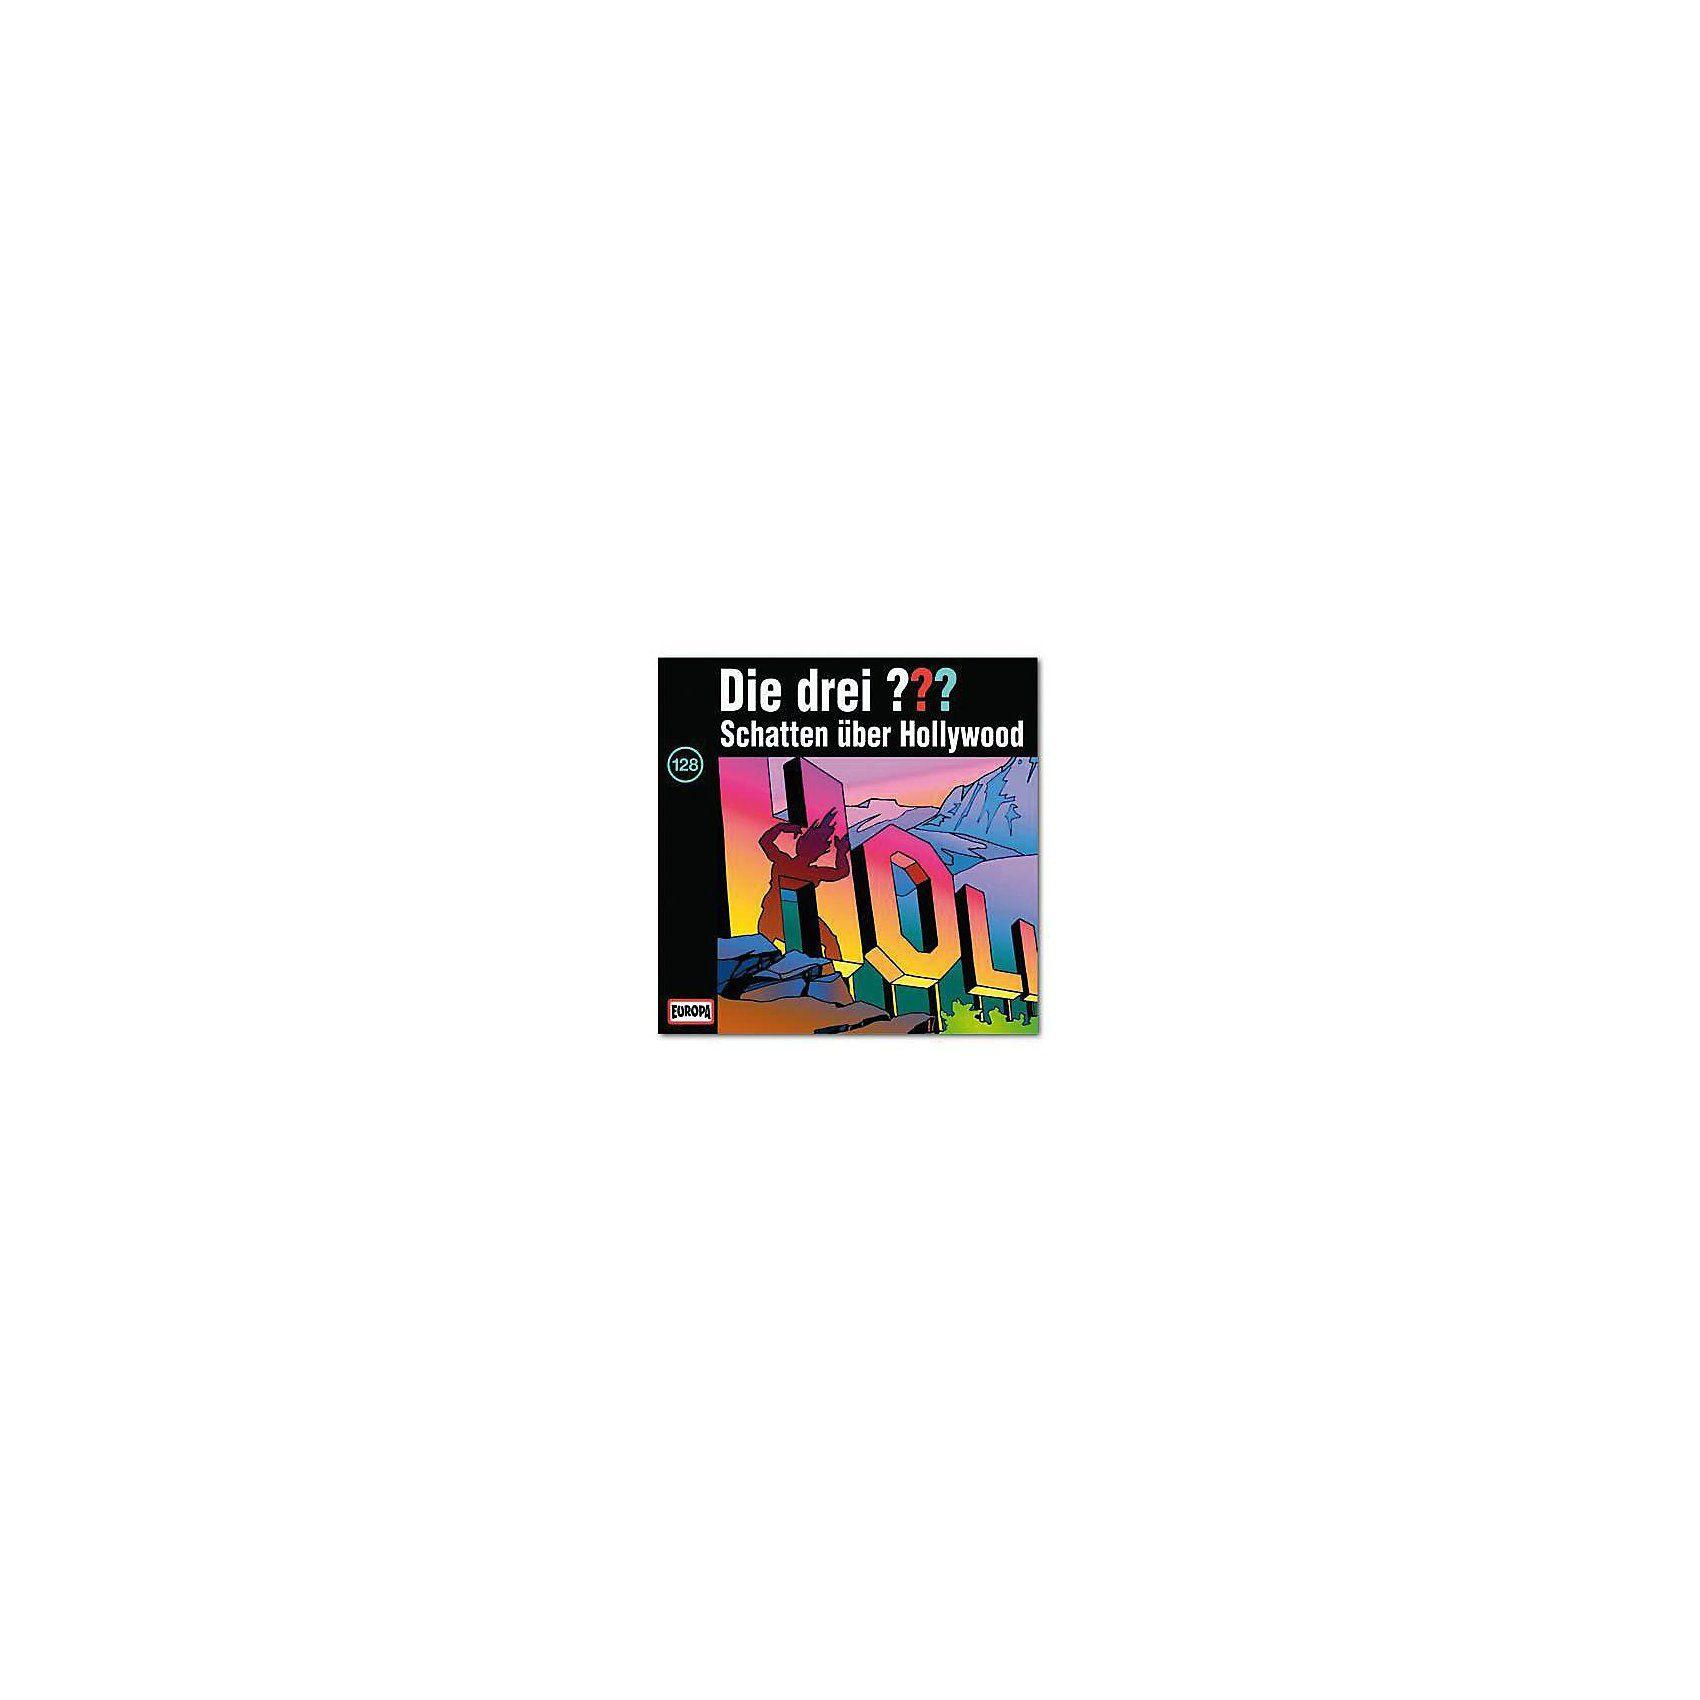 Sony CD Die Drei ??? 128 - Schatten über Hollywood